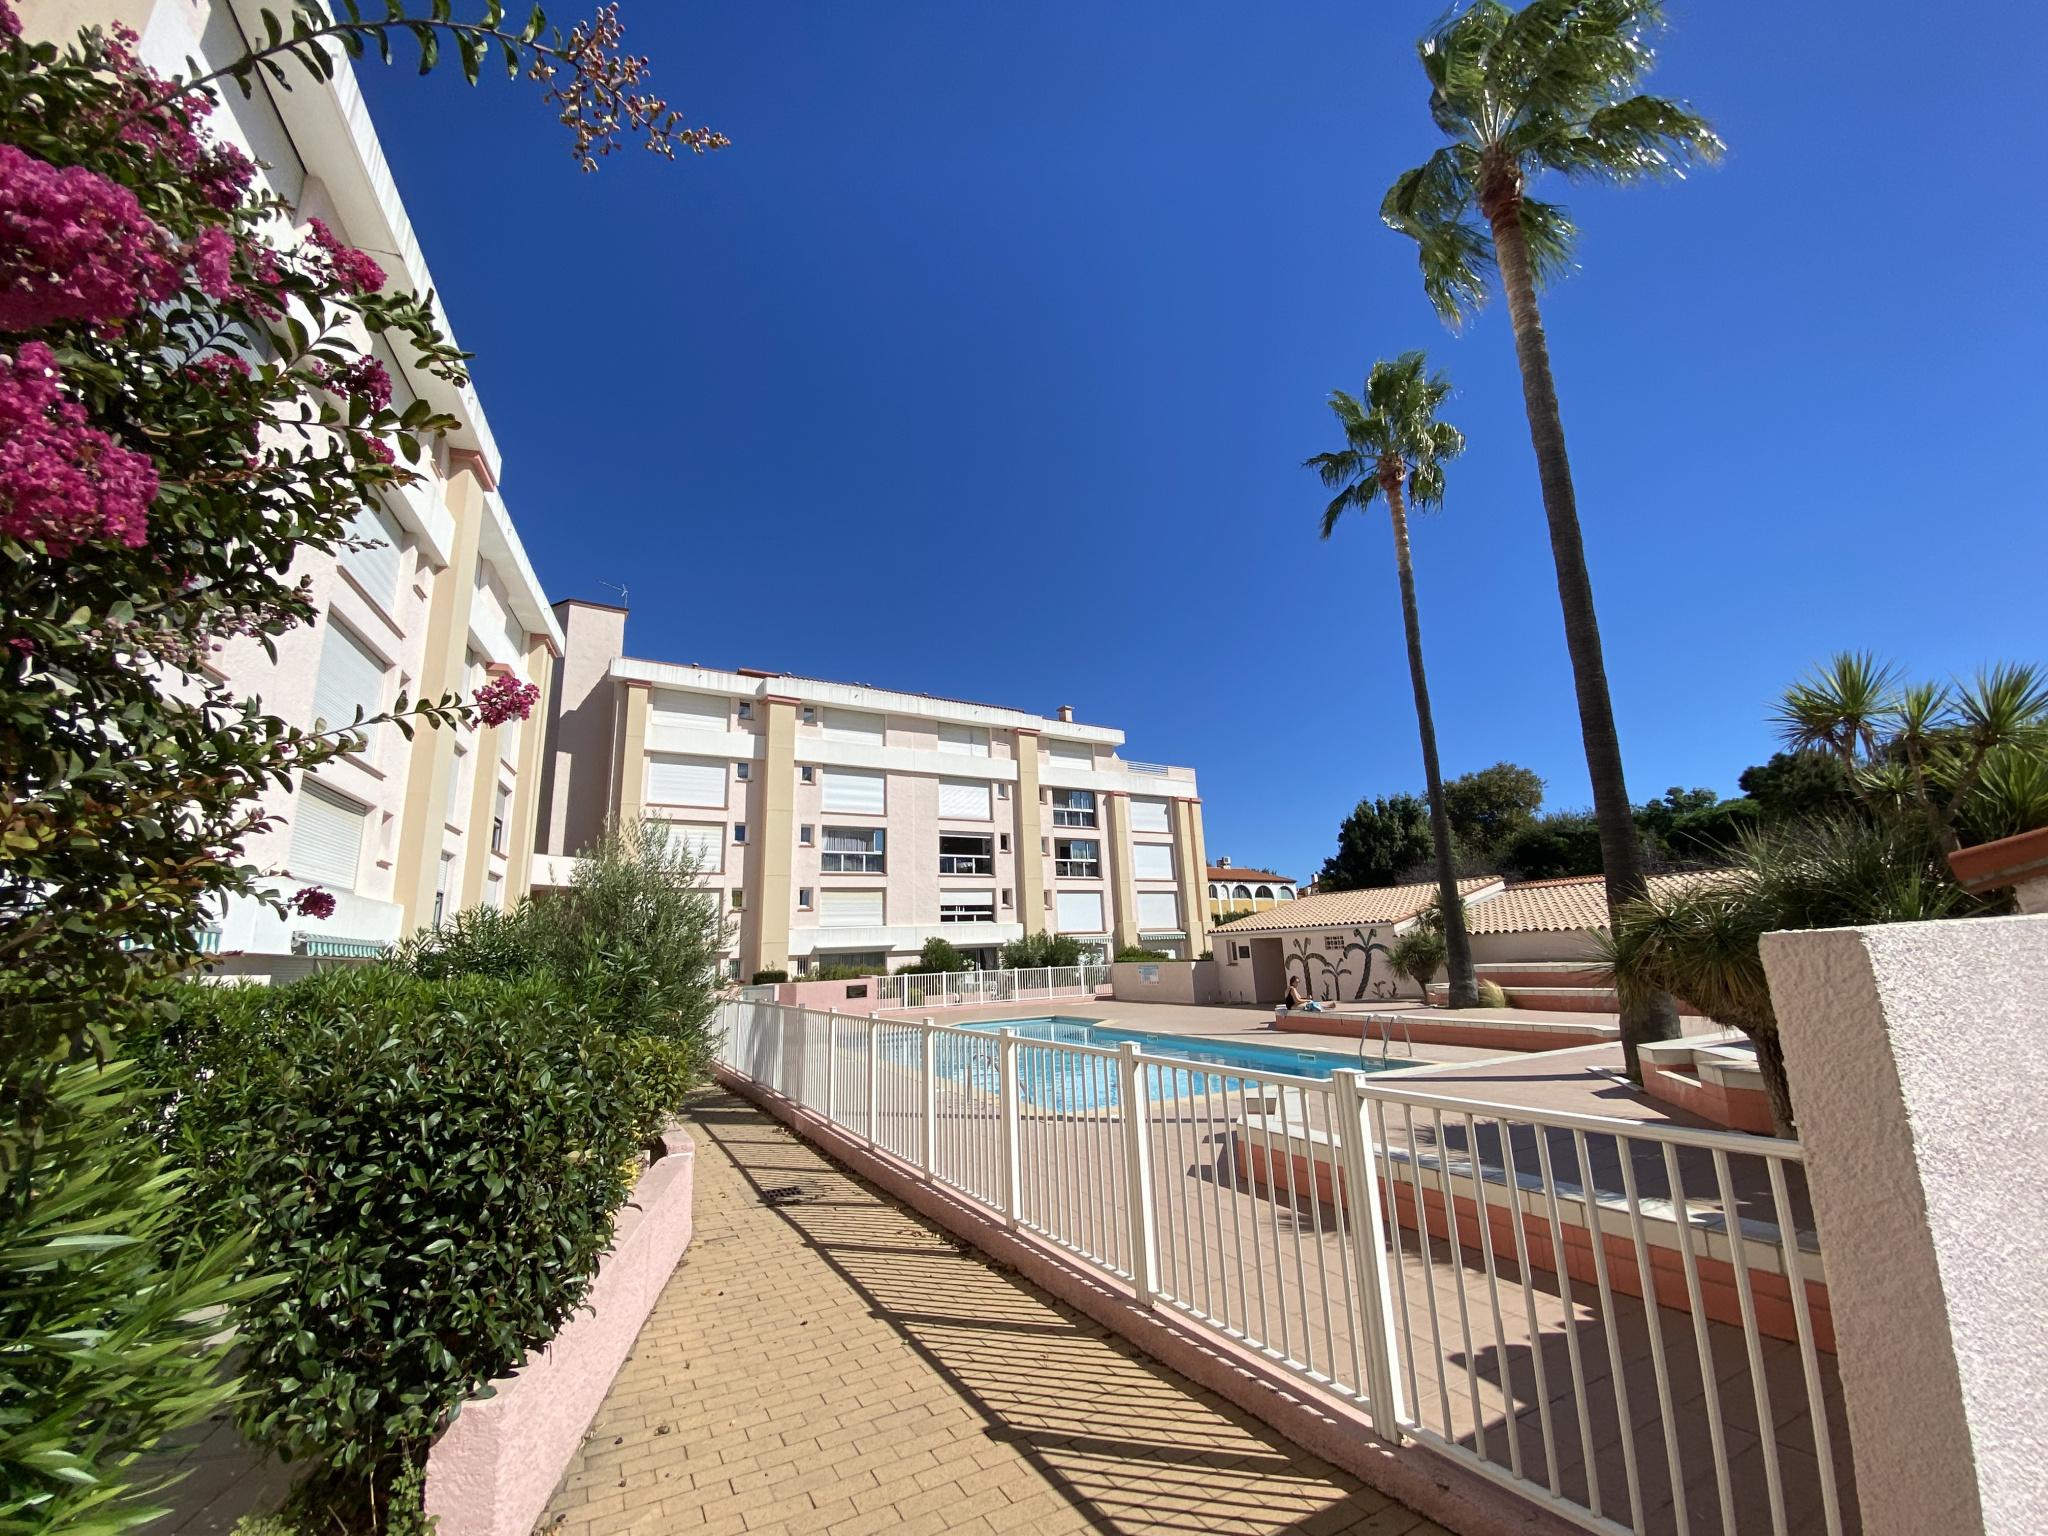 À vendre appartement de 34m2 à argeles sur mer (66700) - Photo 7'